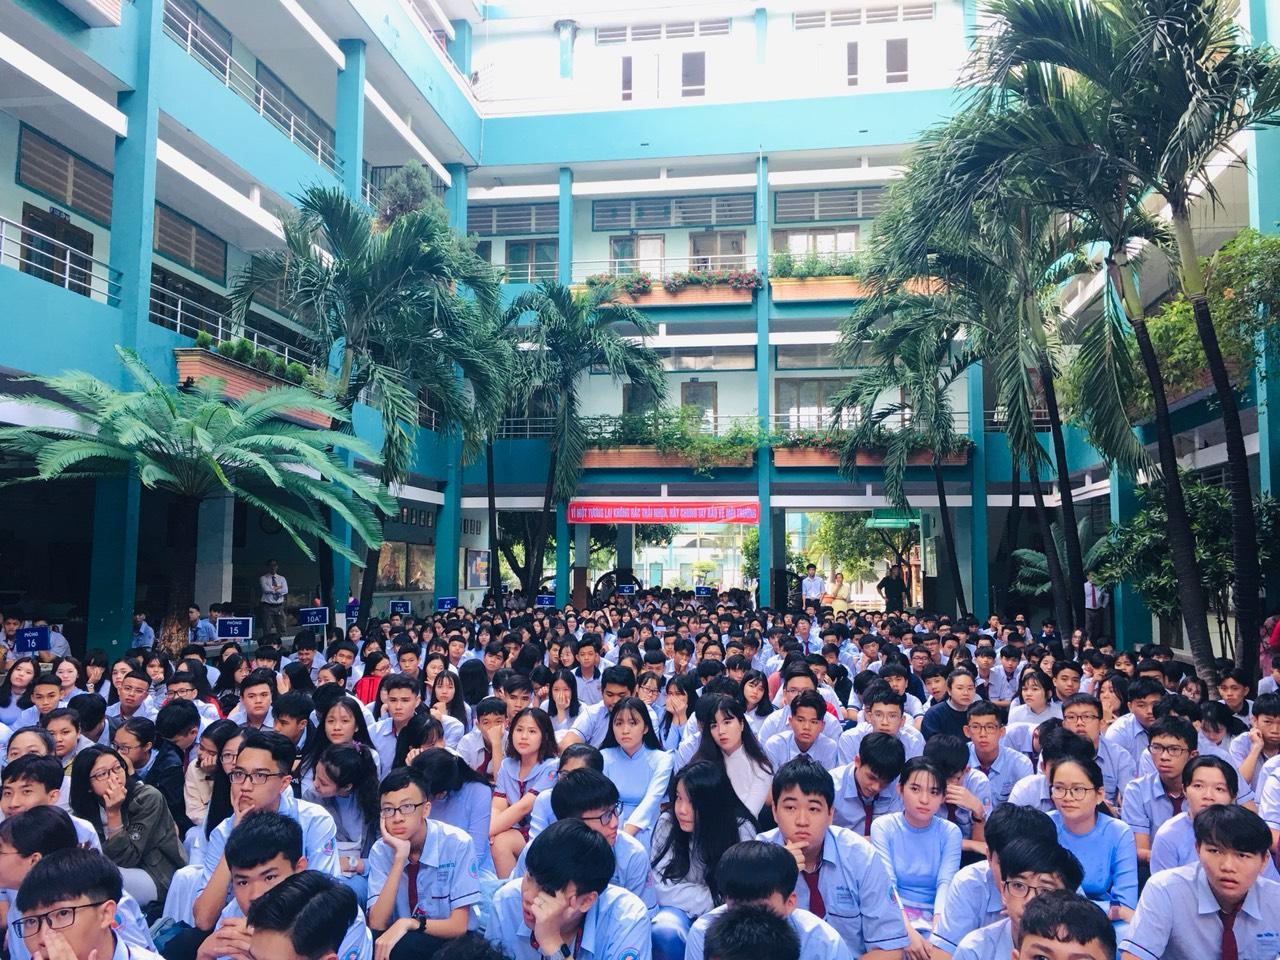 Học sinh hiện nay cần gì trong môi trường giáo dục của mình? – truongtuthucchatluongtaitphcm